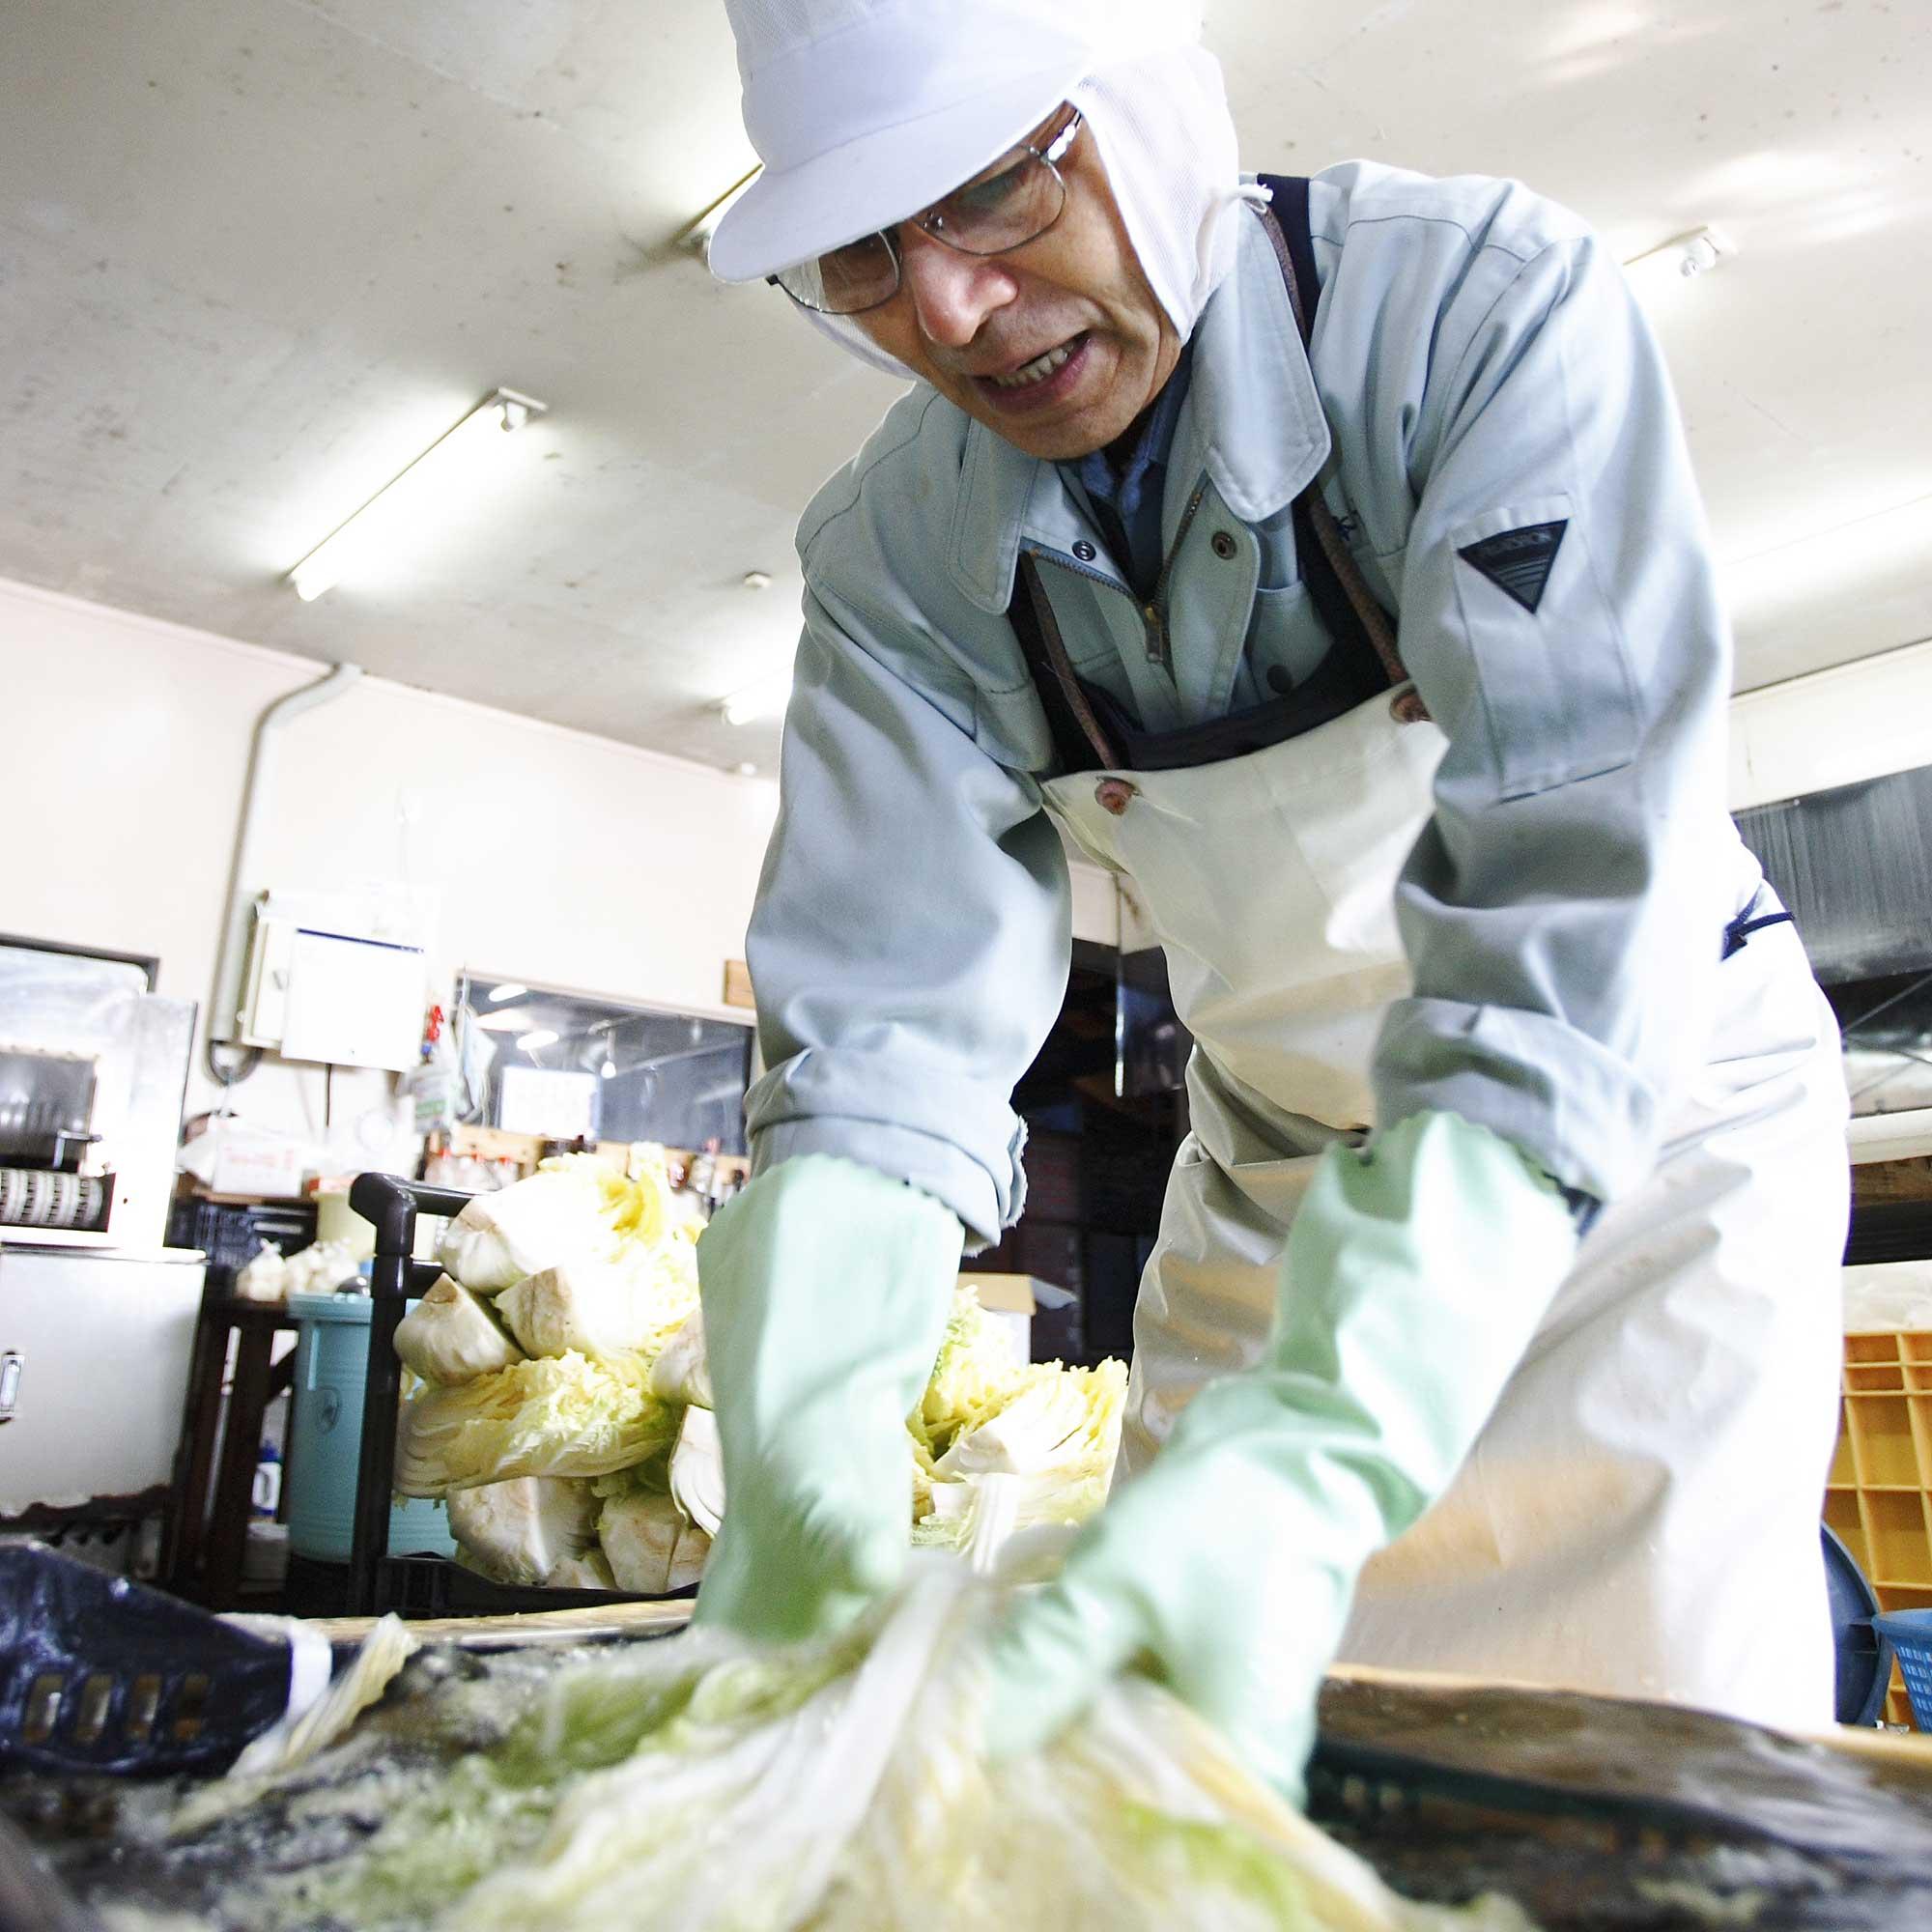 山形県アンテナショップおいしい山形 つくり手を訪ねて|つけもの処 本長:40年以上漬物づくりに携わる山崎さんをはじめ、漬物のプロが手作業で行っています。